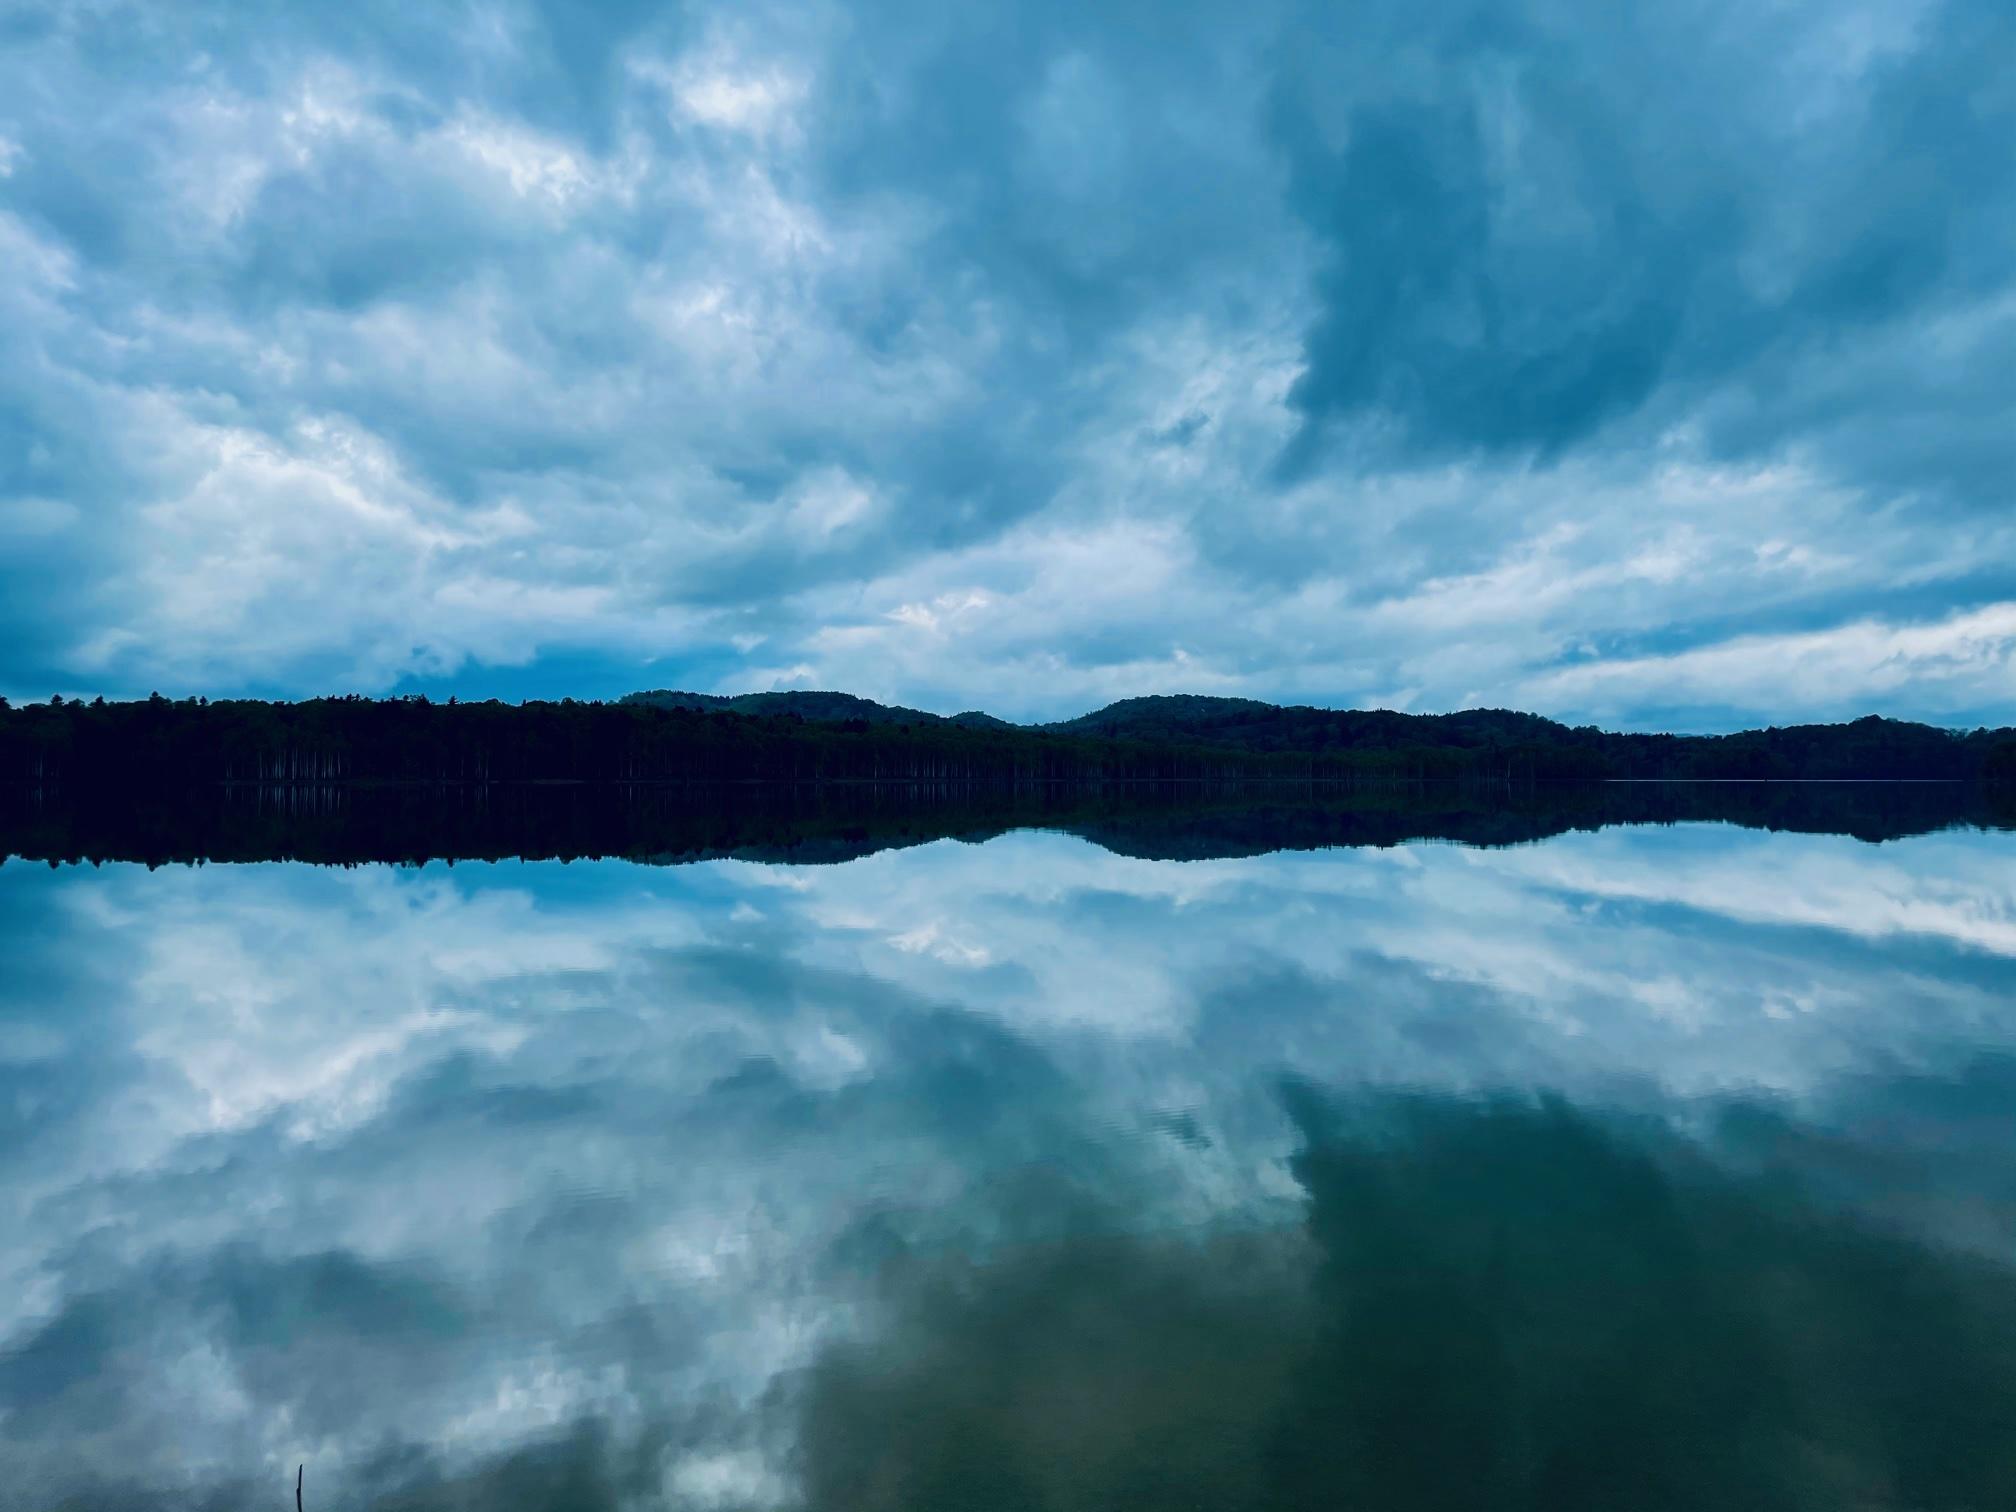 朱鞠内湖の天気